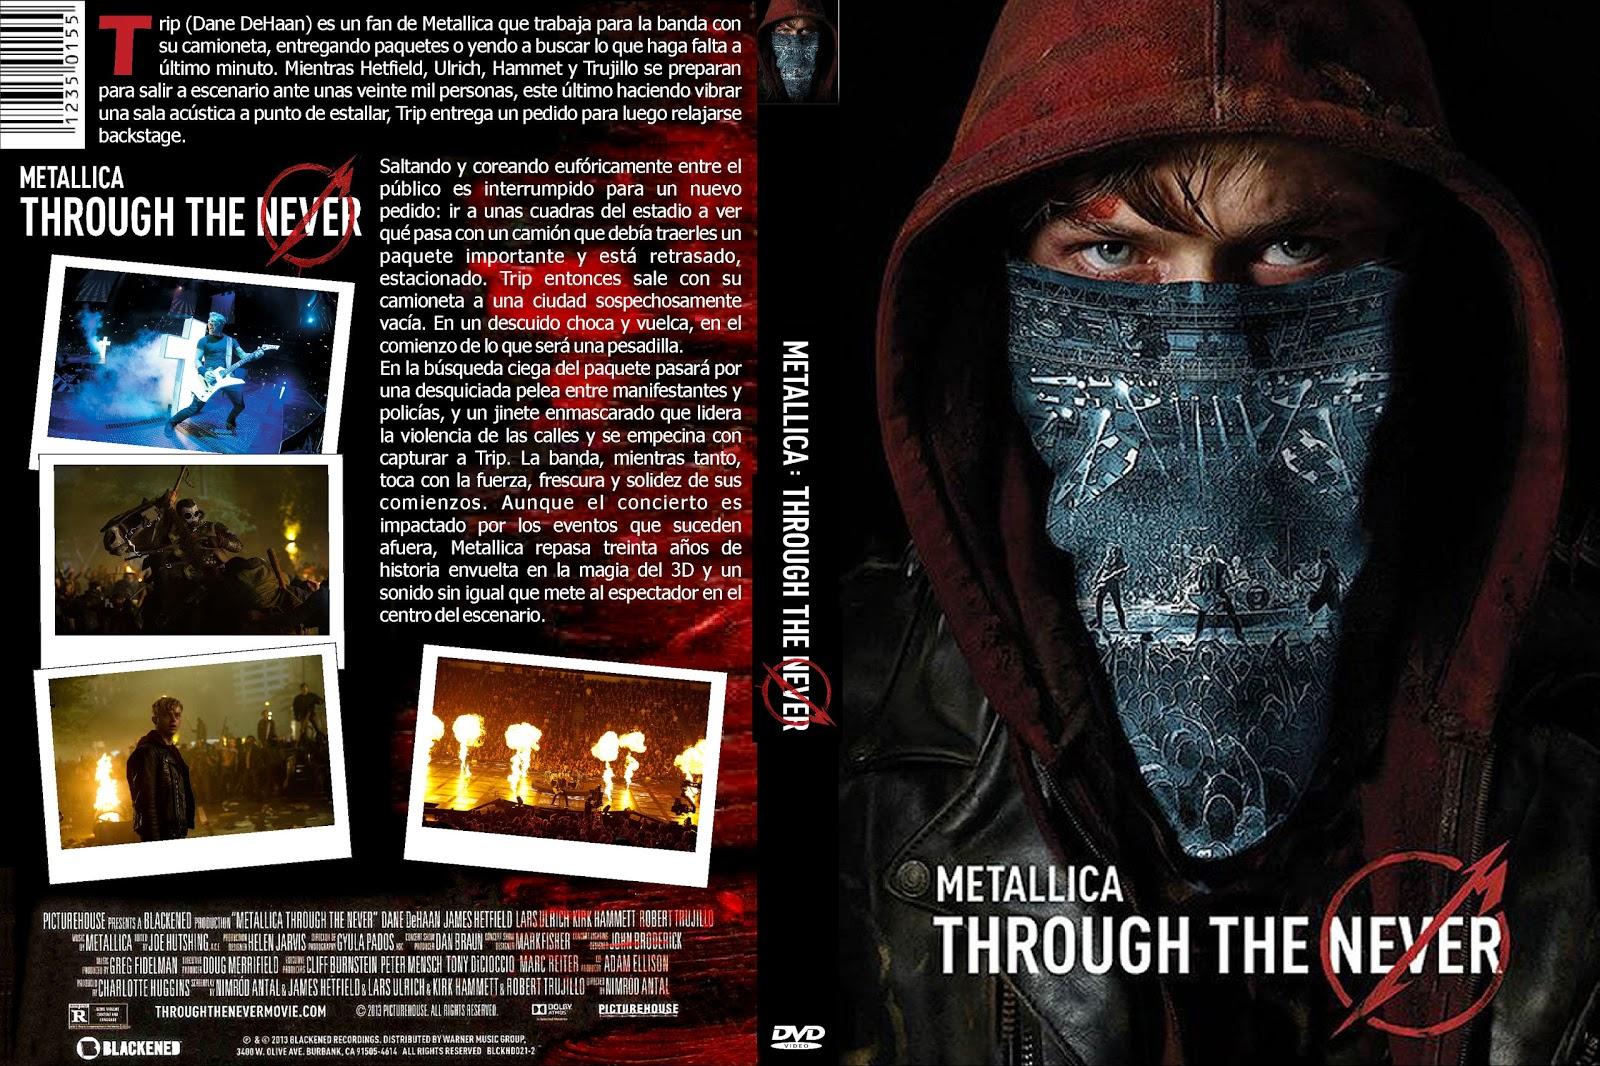 Capa DVD Metallica Through The Never